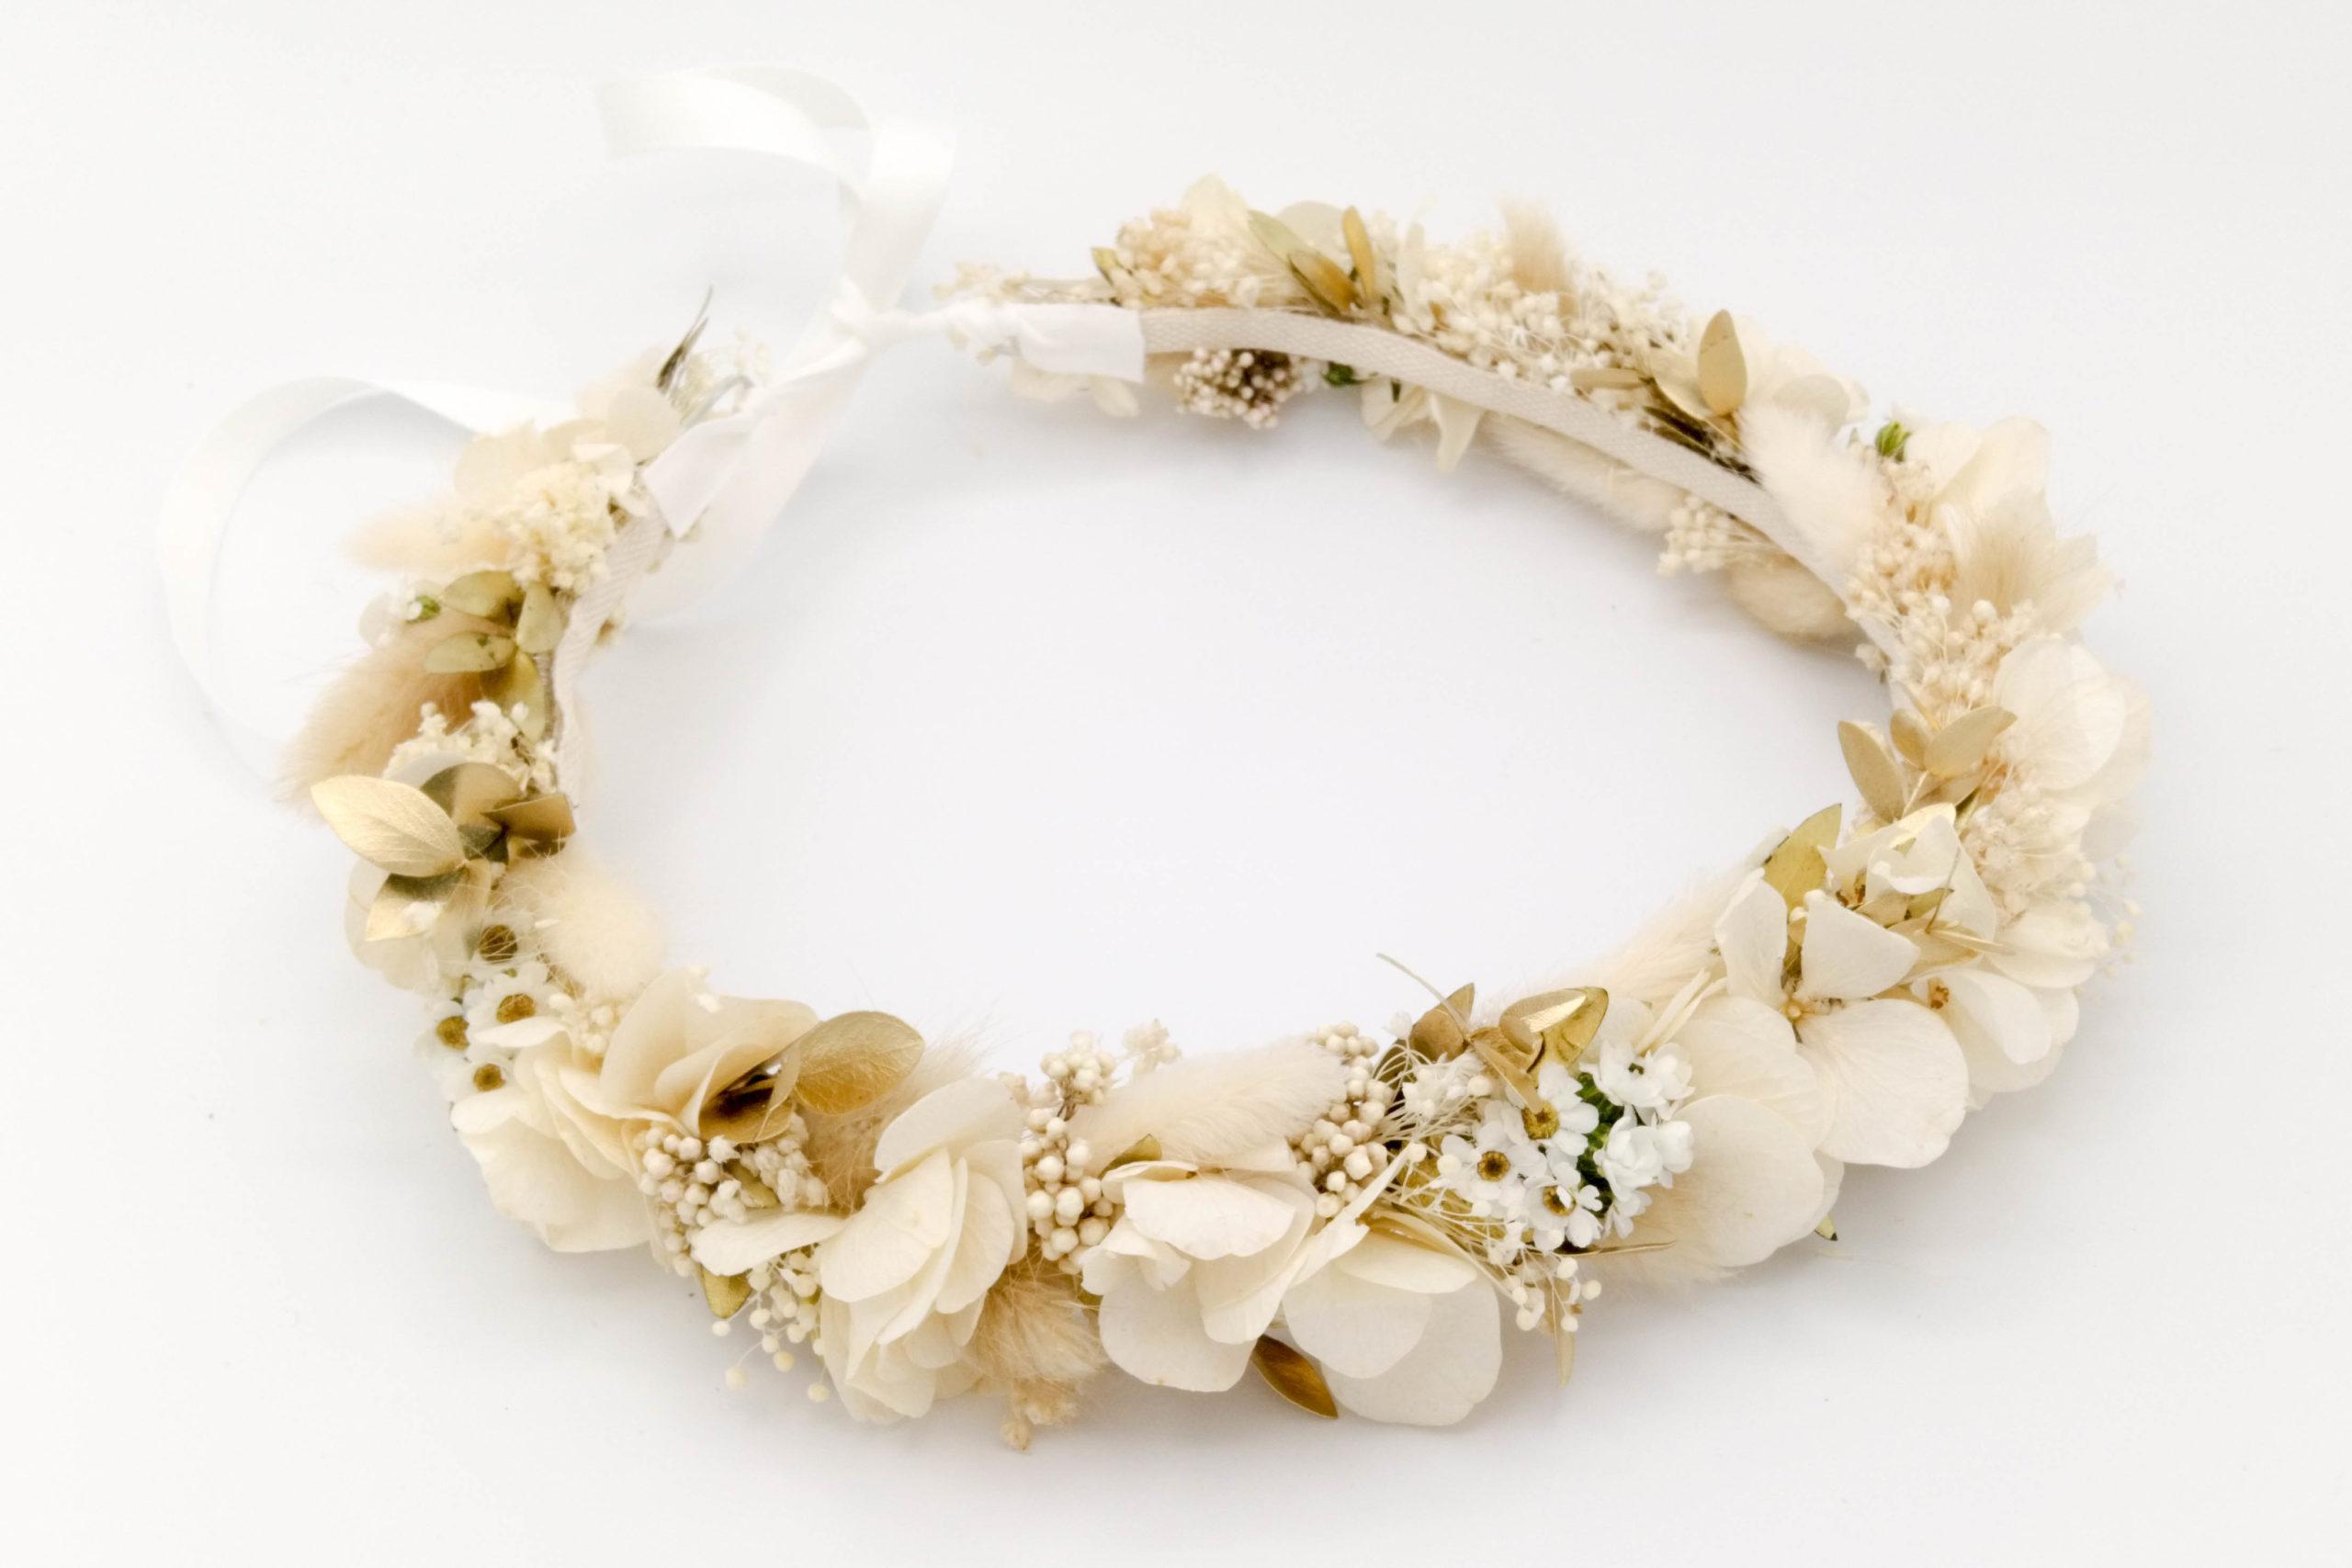 Miss Acacia - Couronne en fleurs séchées et stabilisées blanches et dorés